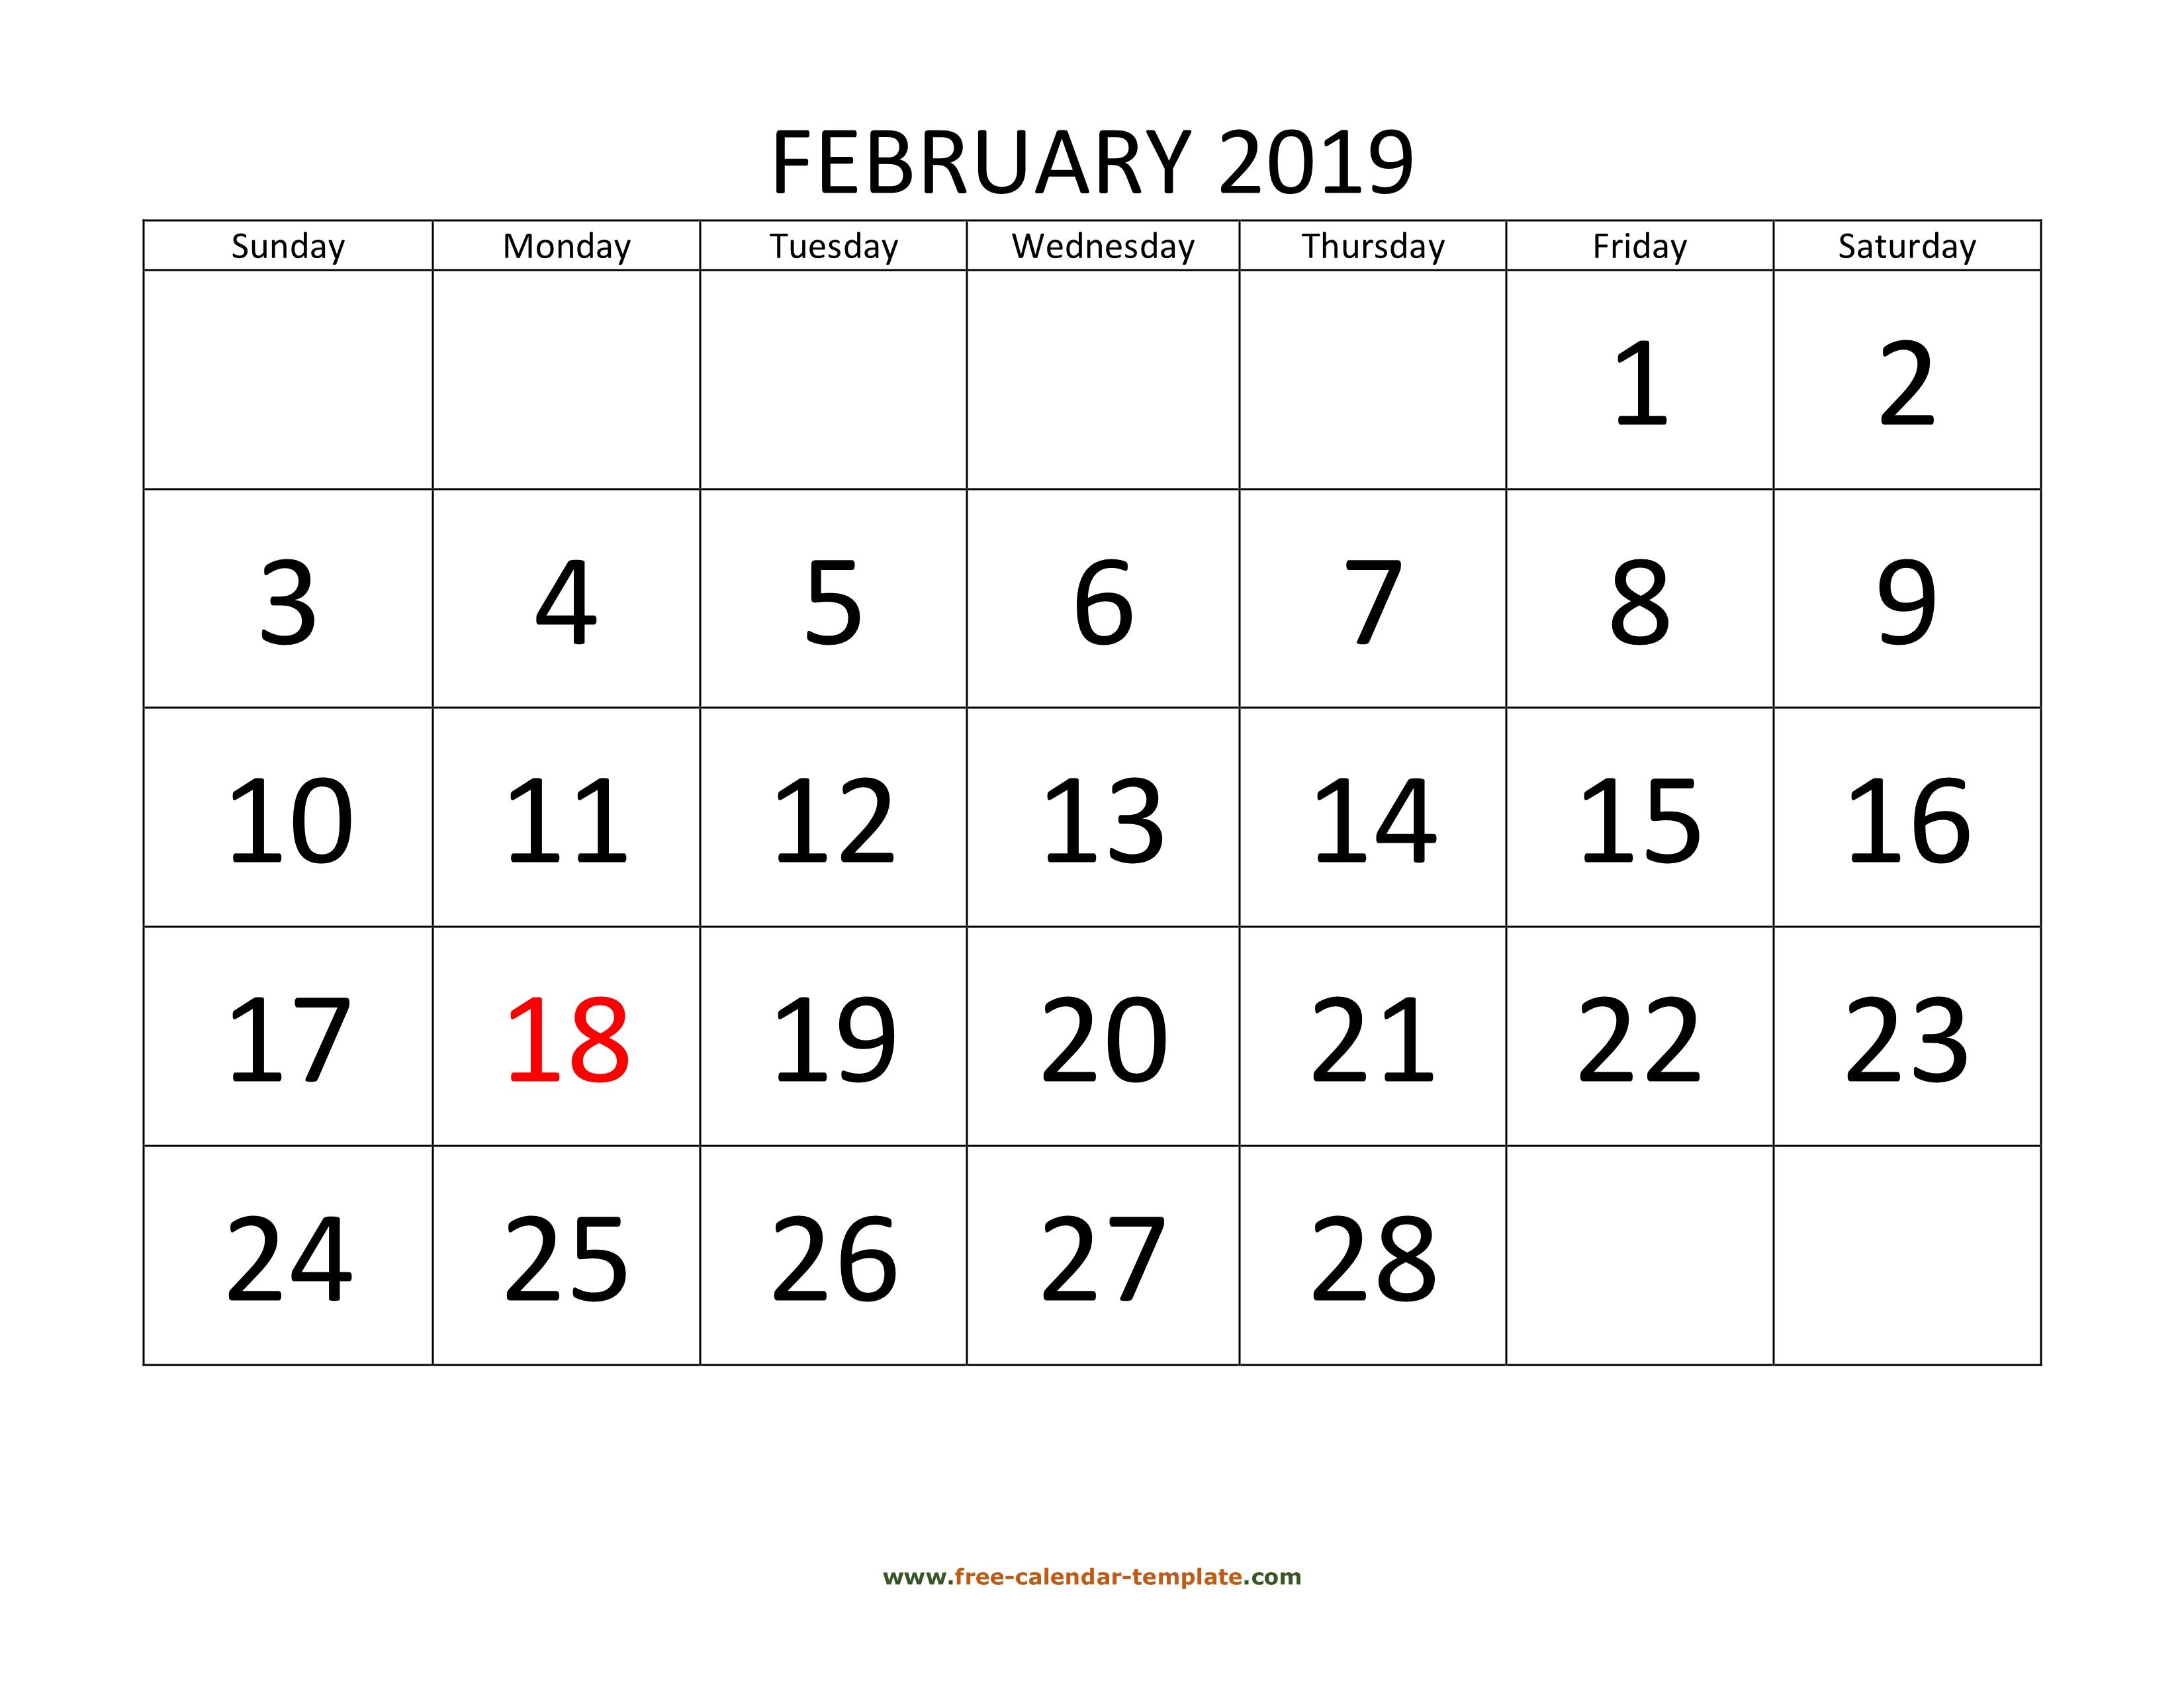 Calendar February 2020 Calendartemplatecom February 2019 Free Calendar Tempplate | Free calendar template.com